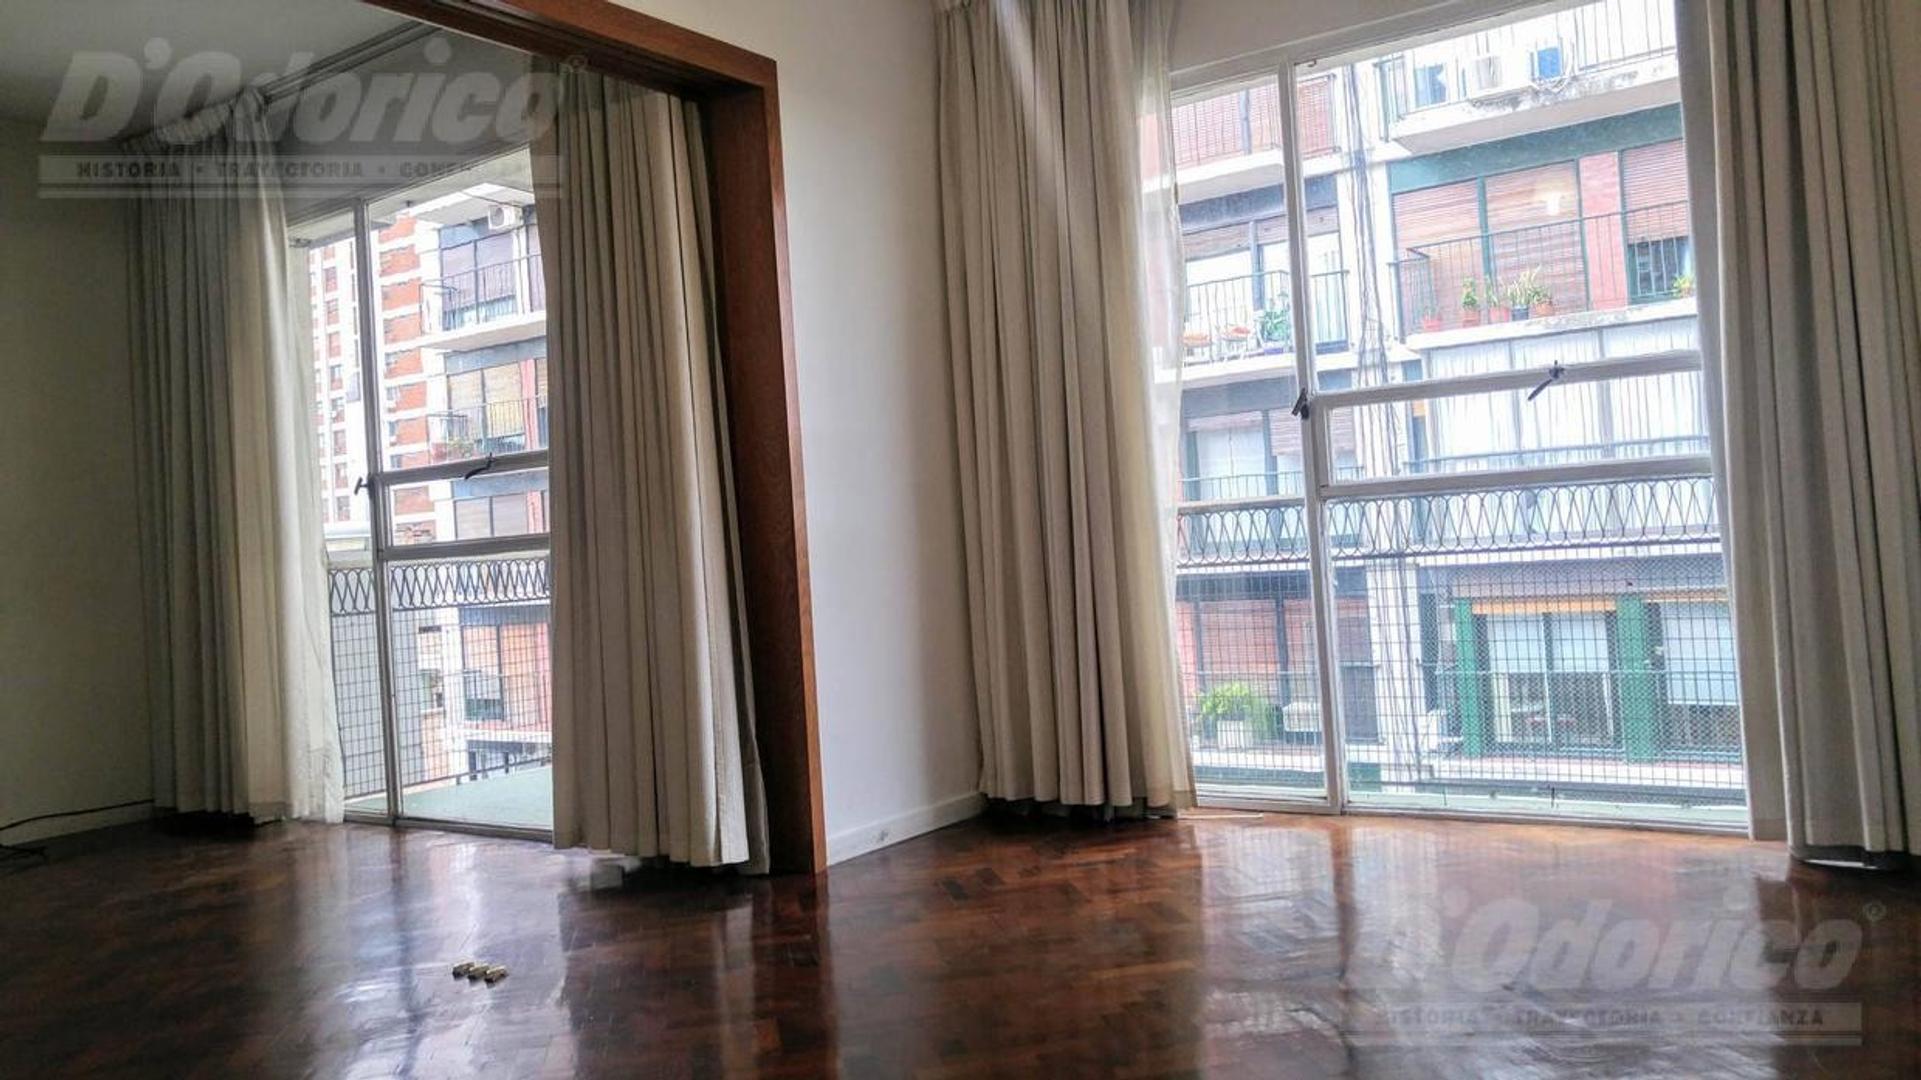 2 ambientes en alquiler en Palermo